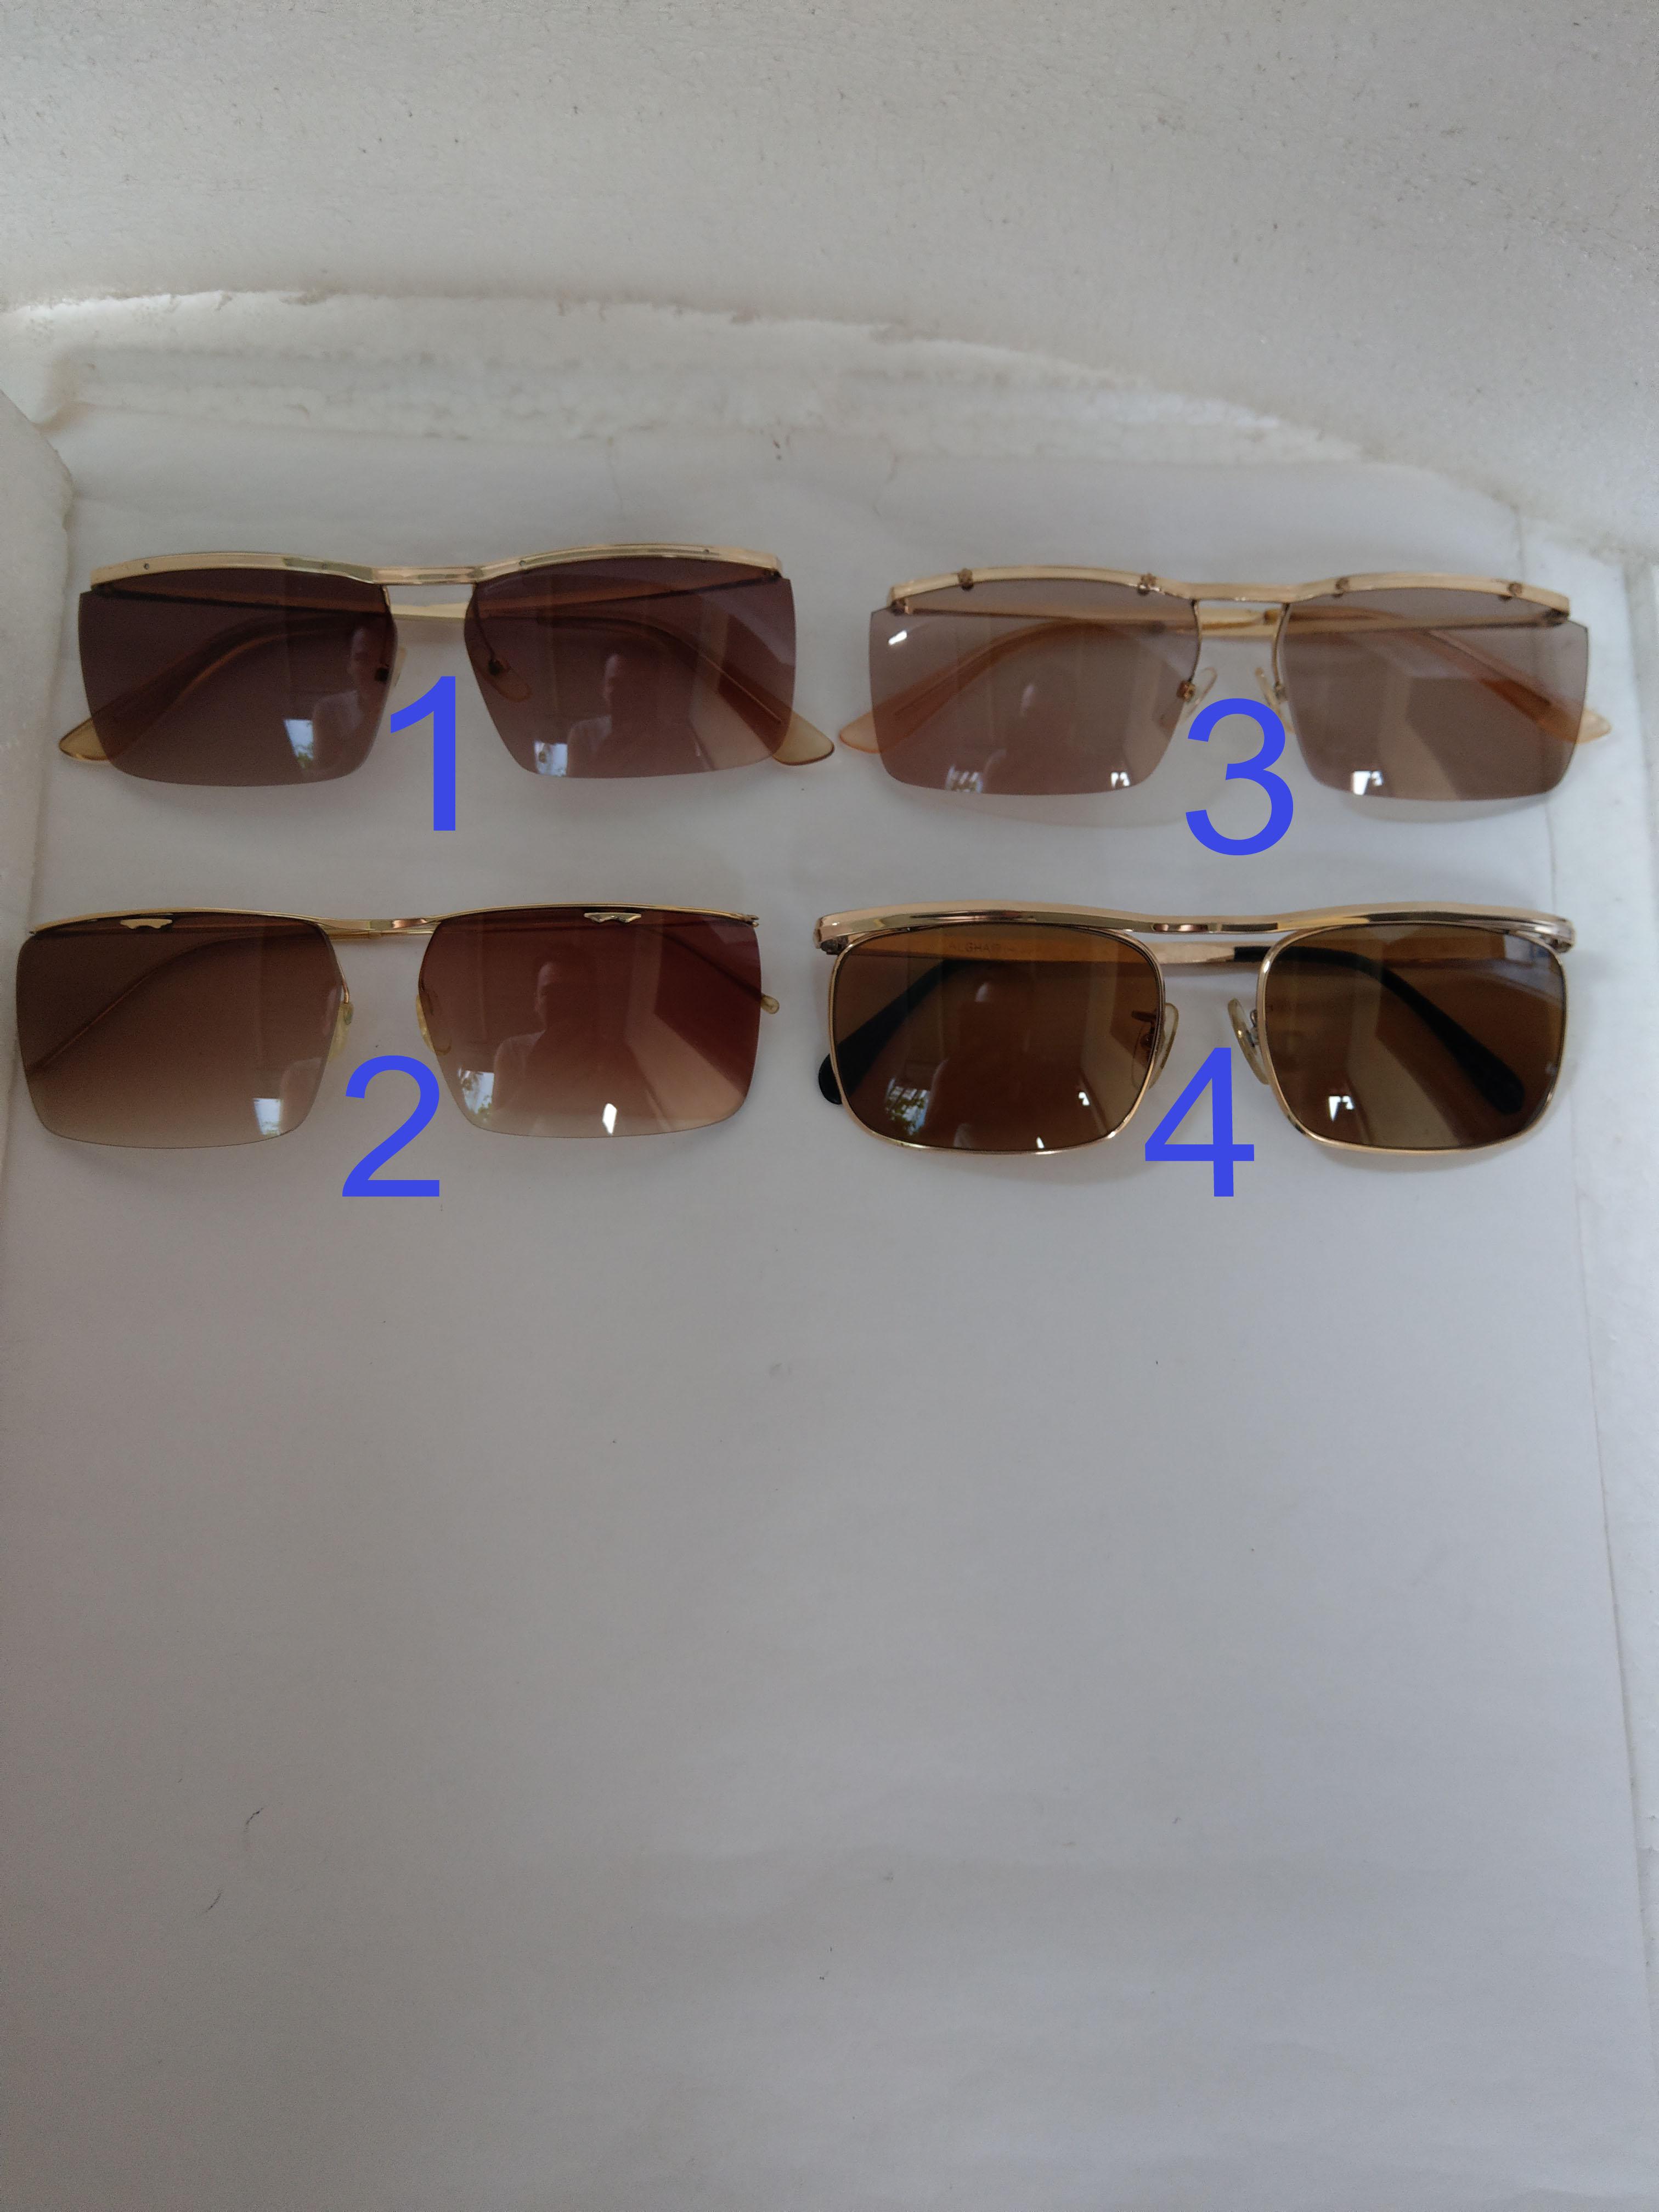 Có 4 cái kính cổ mạ vàng bọc vàng thương hiệu nổi tiếng trên toàn thế giới...vv